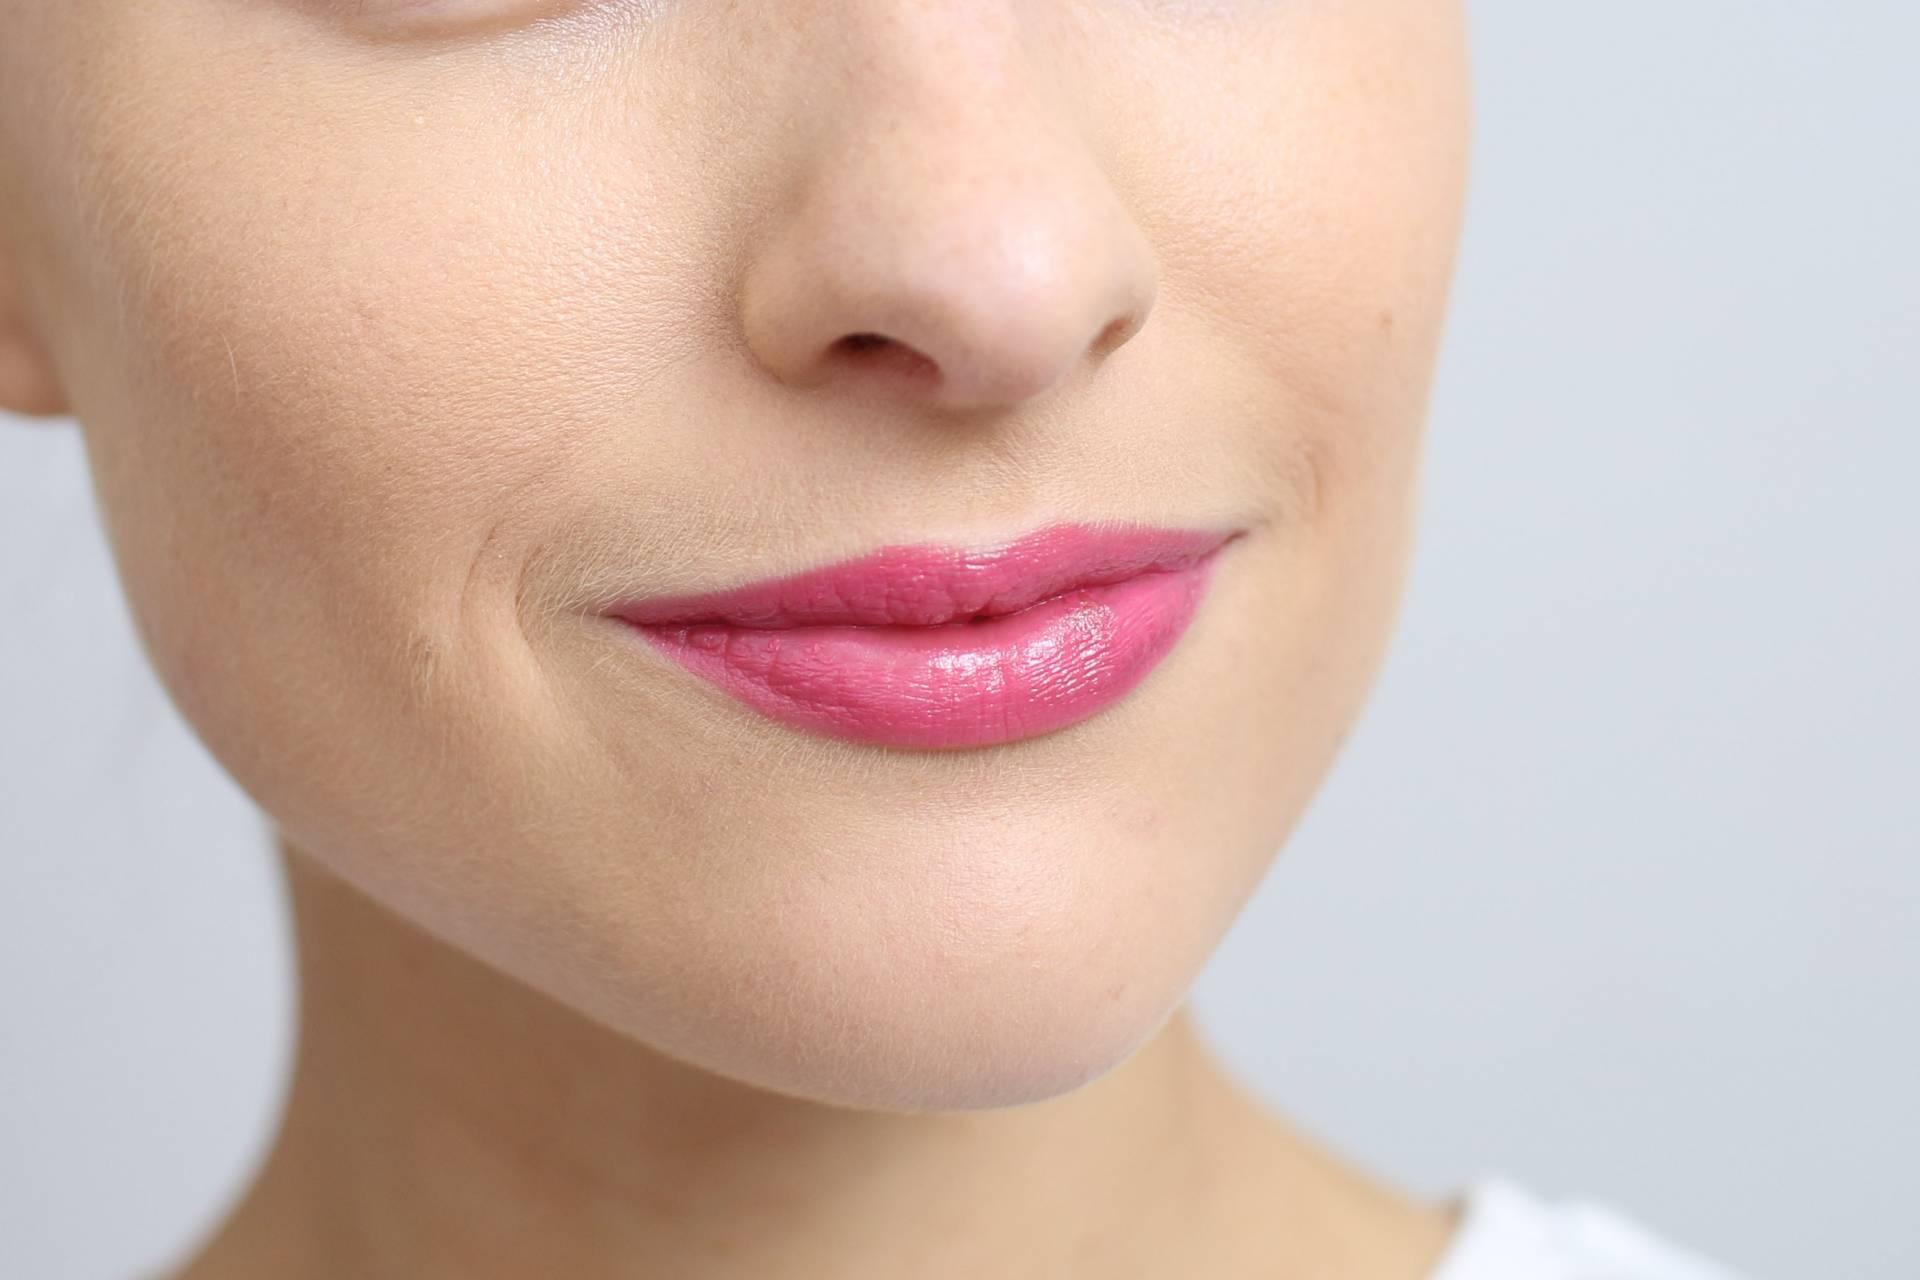 dior be dior lipstick